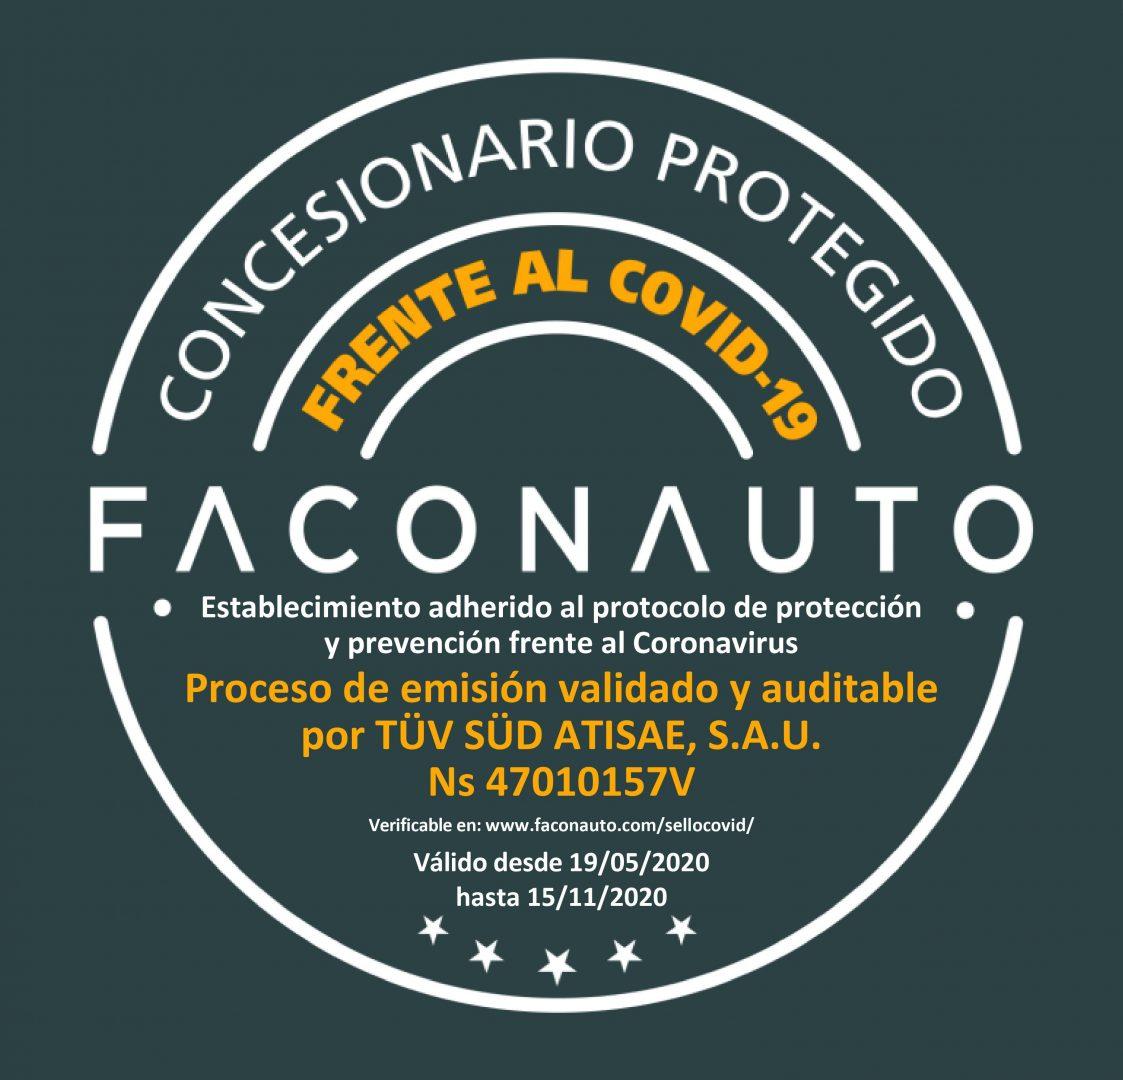 Faconauto sello libre covid